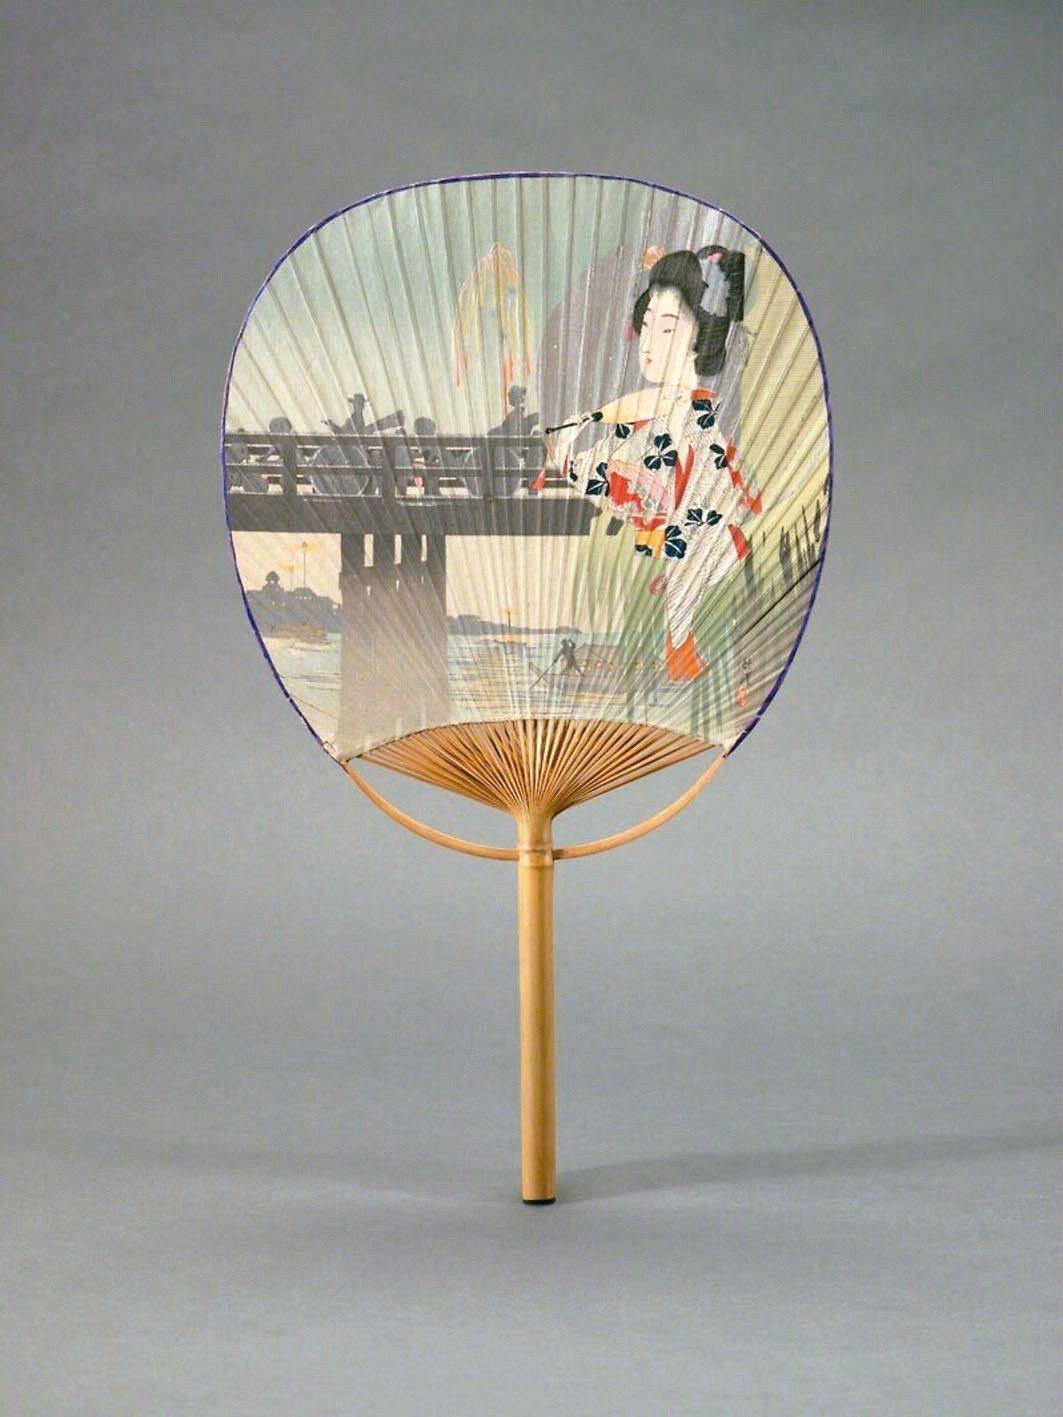 圖5:團扇正面是持扇美女看煙火,20世紀初,畫家不詳。